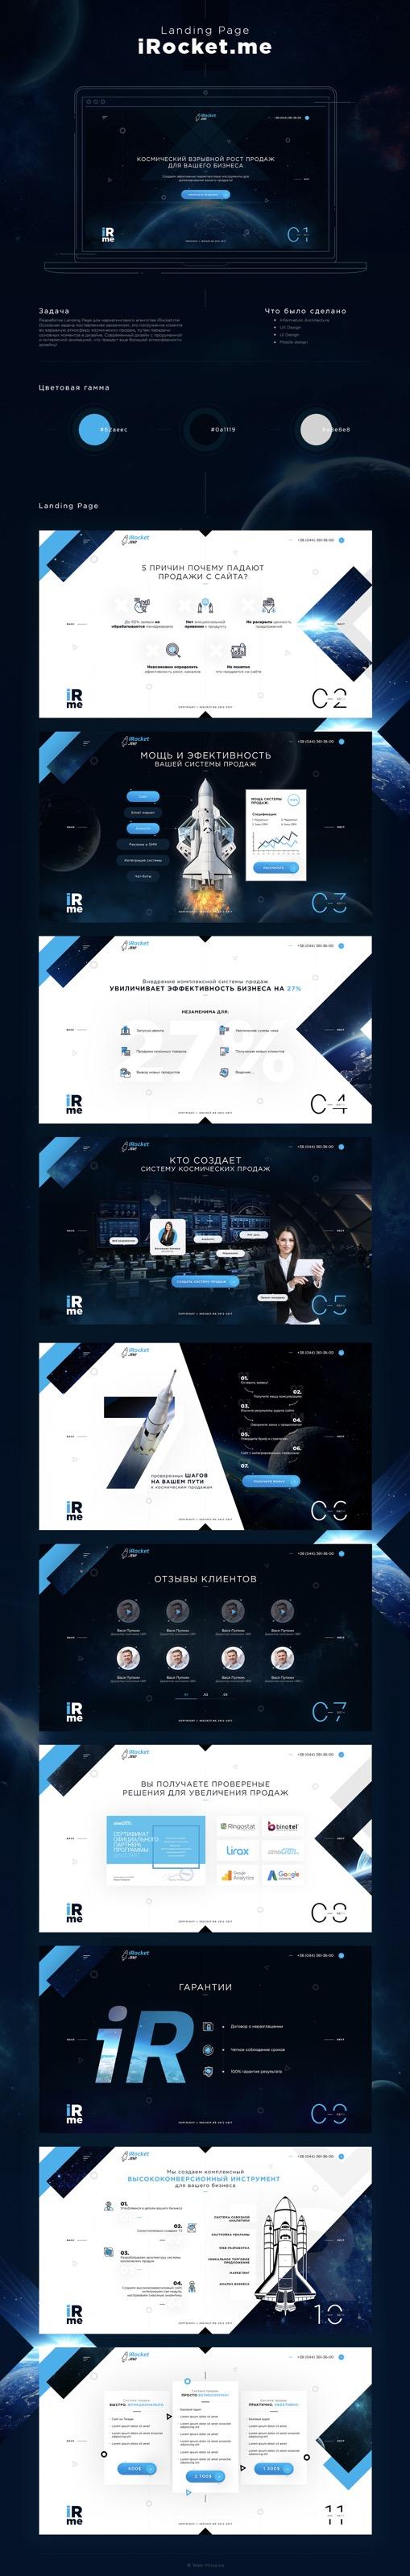 iRocket.me | Landing Page